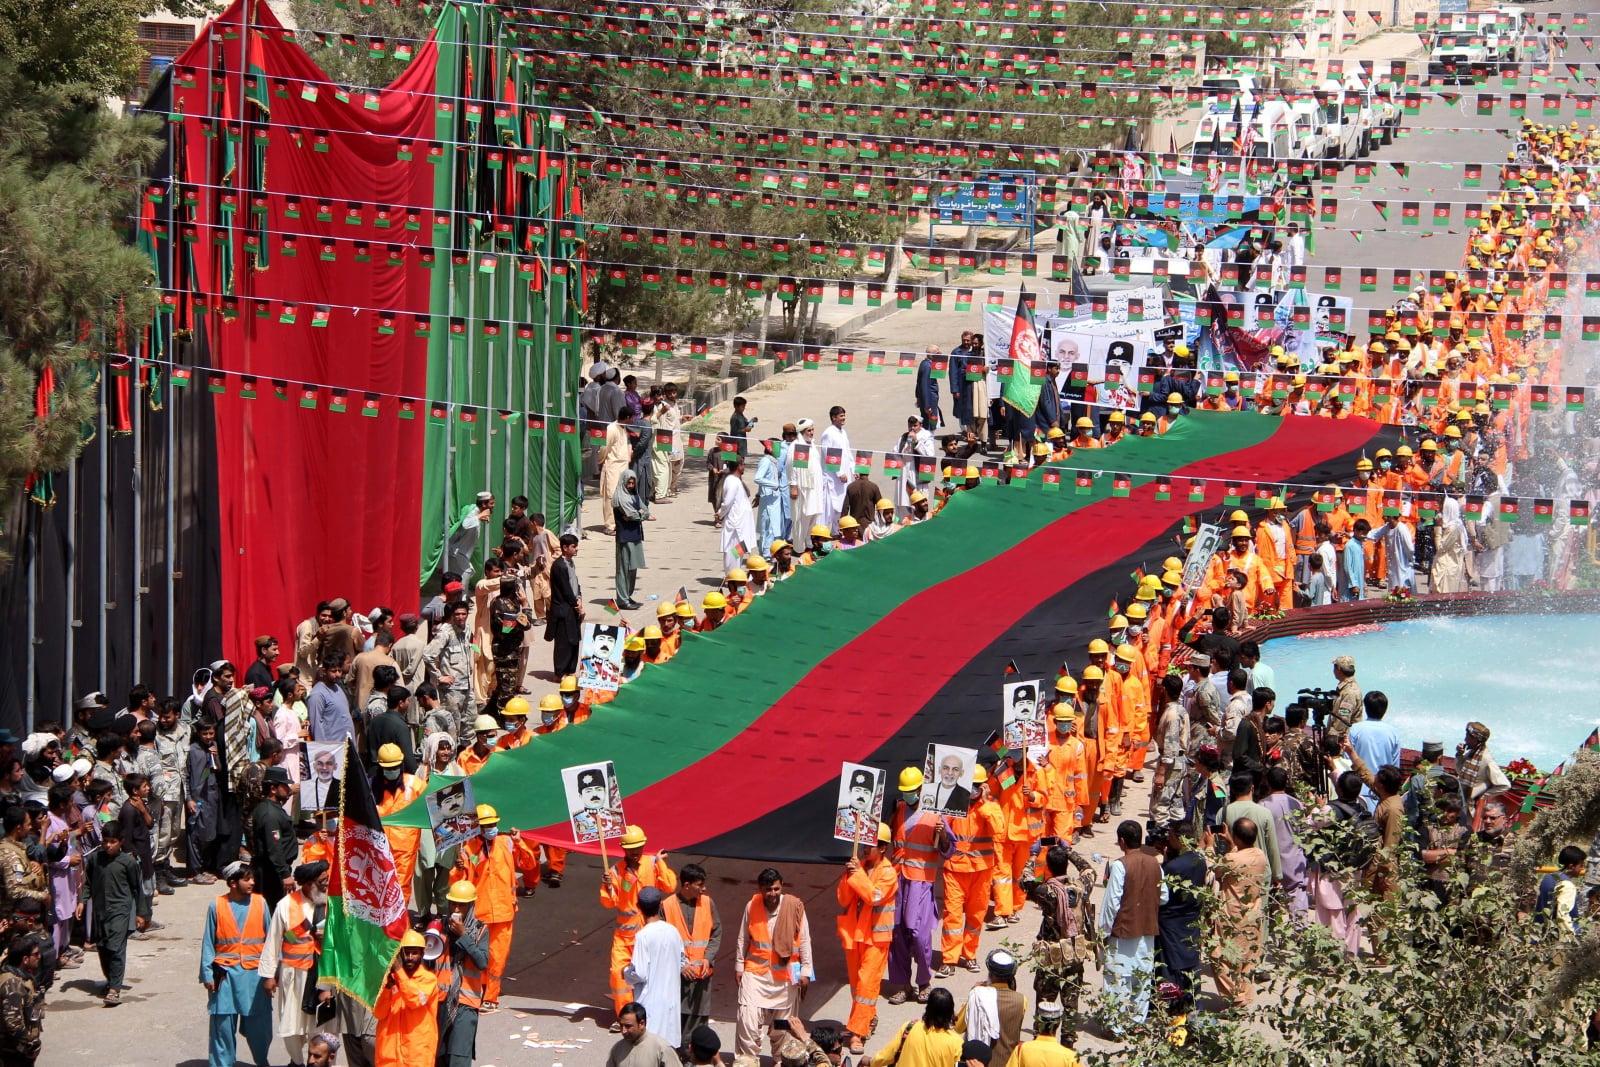 Ceremonii z okazji Dnia Niepodległości w Helmand, Afganistan, fot. EPA/WATAN YAR